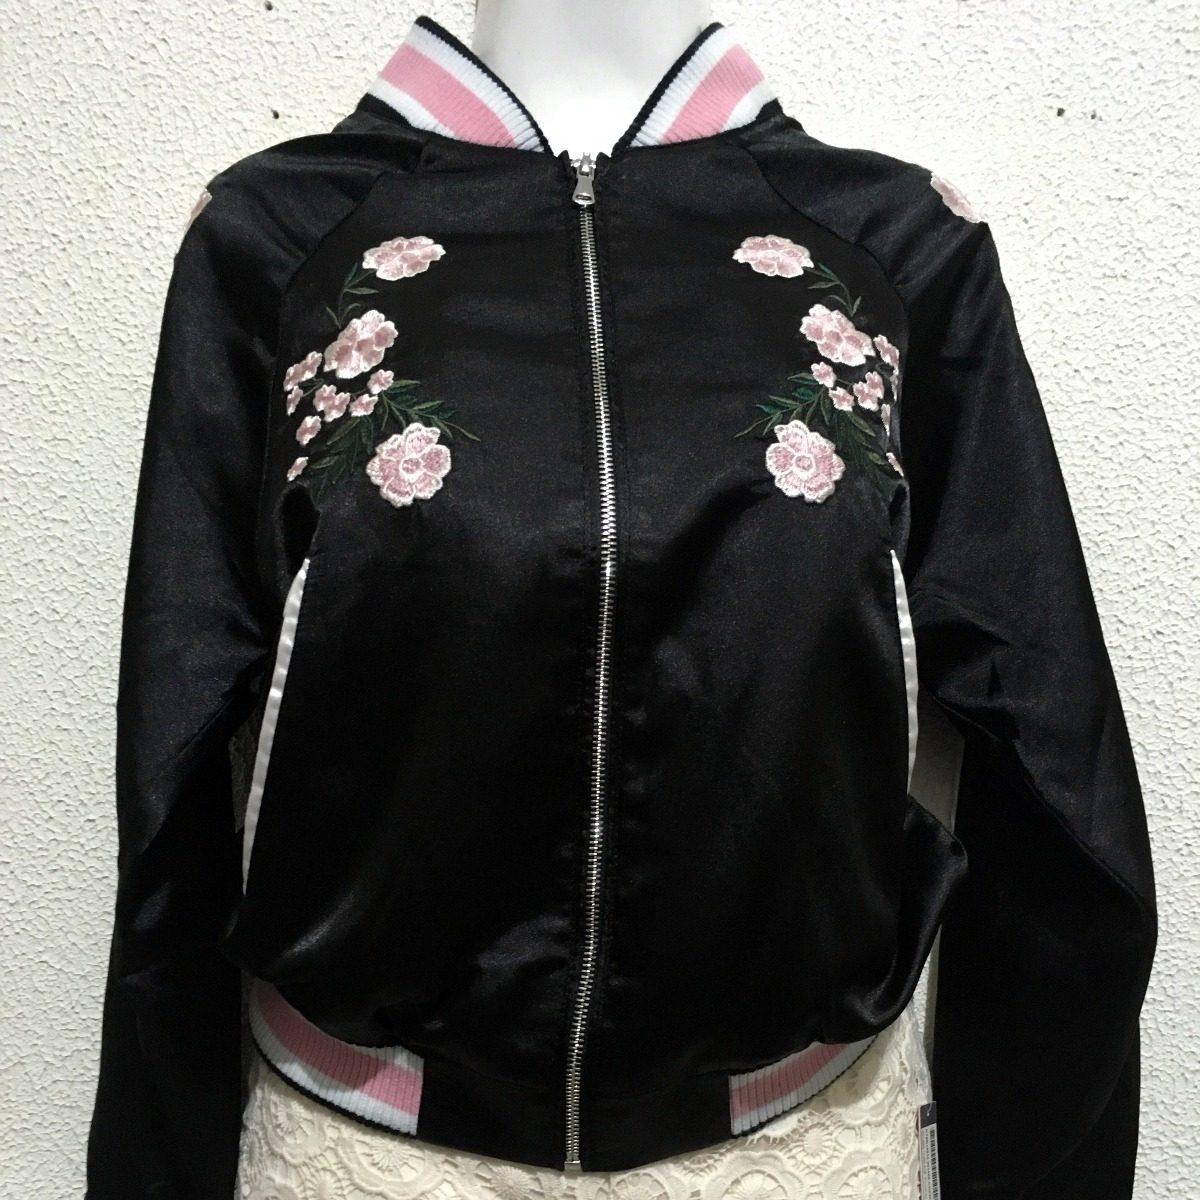 últimos lanzamientos suave y ligero nuevo baratas Chamarra Bomber Jacket Para Mujer Con Flores Bordadas